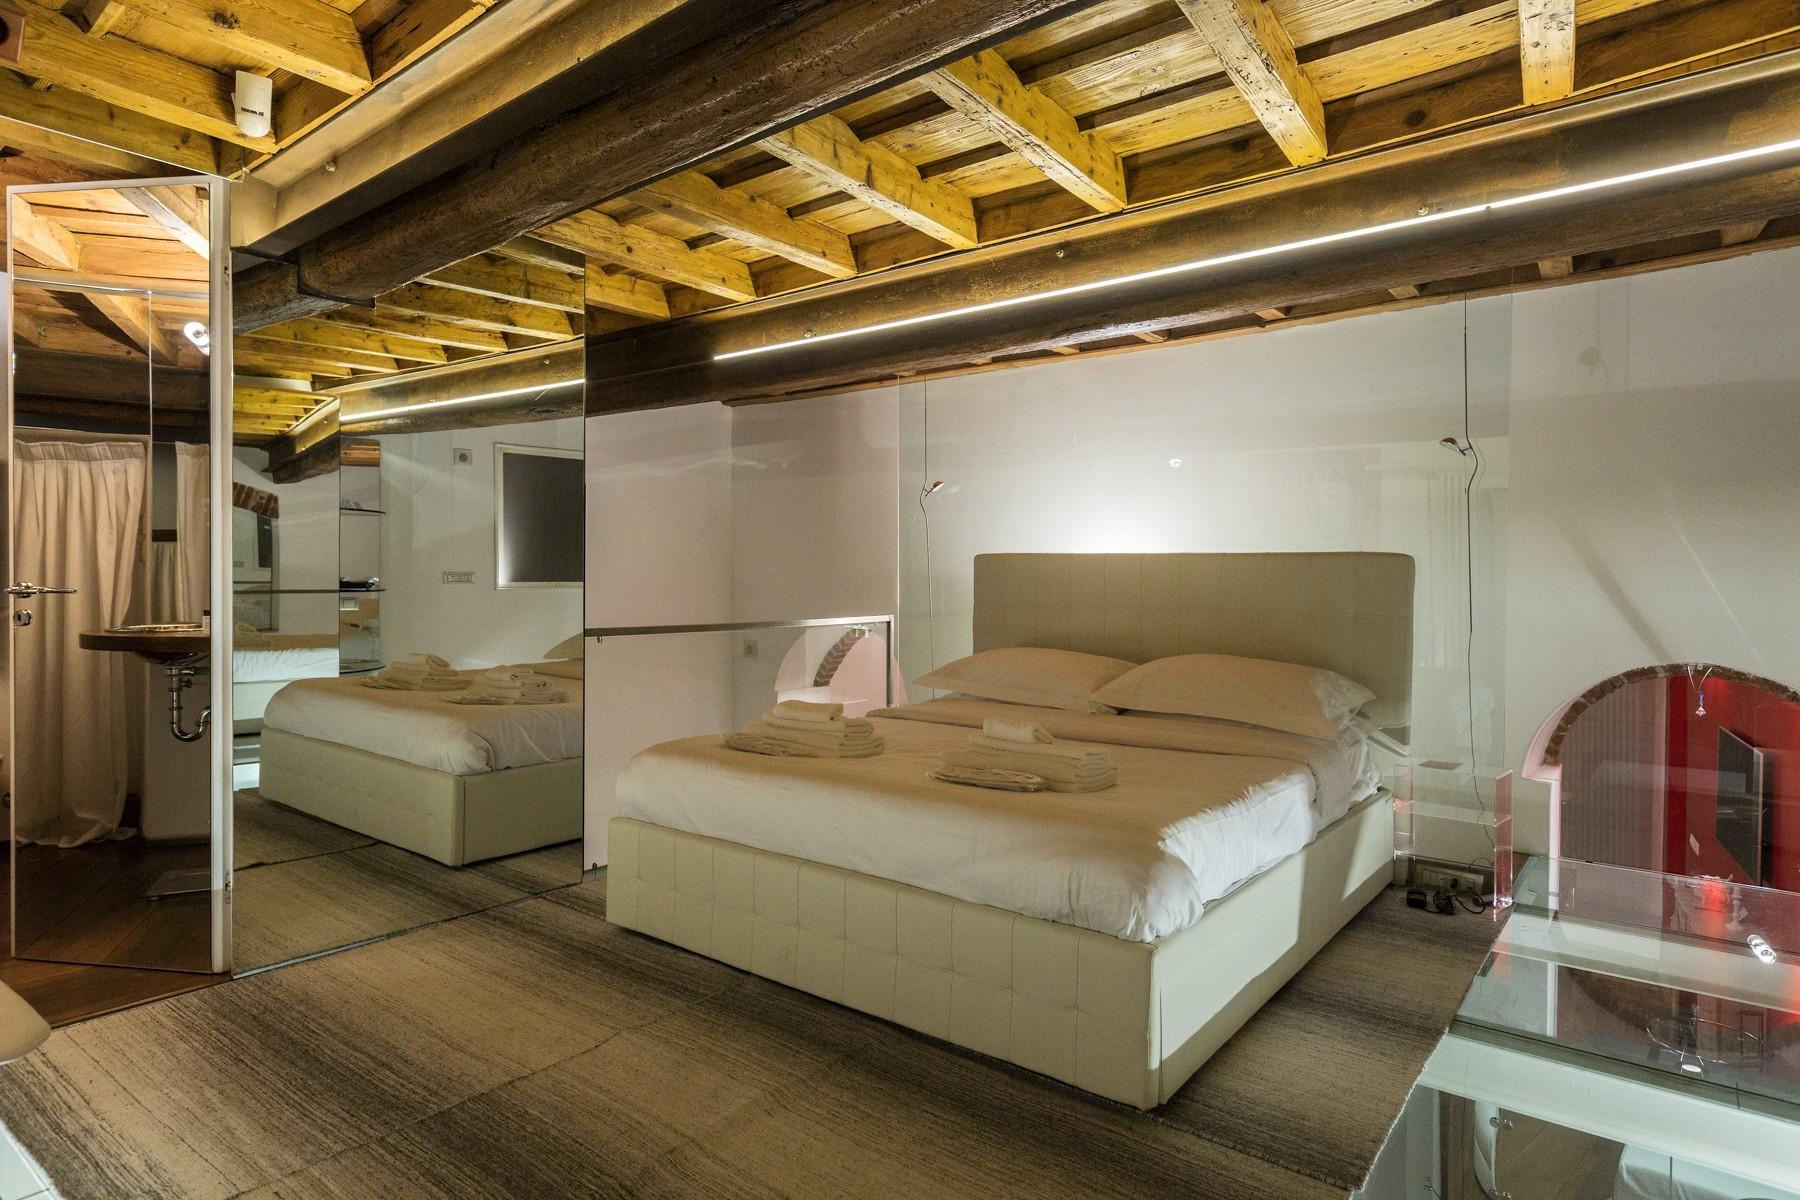 Casa indipendente in Affitto a Milano: 5 locali, 212 mq - Foto 7